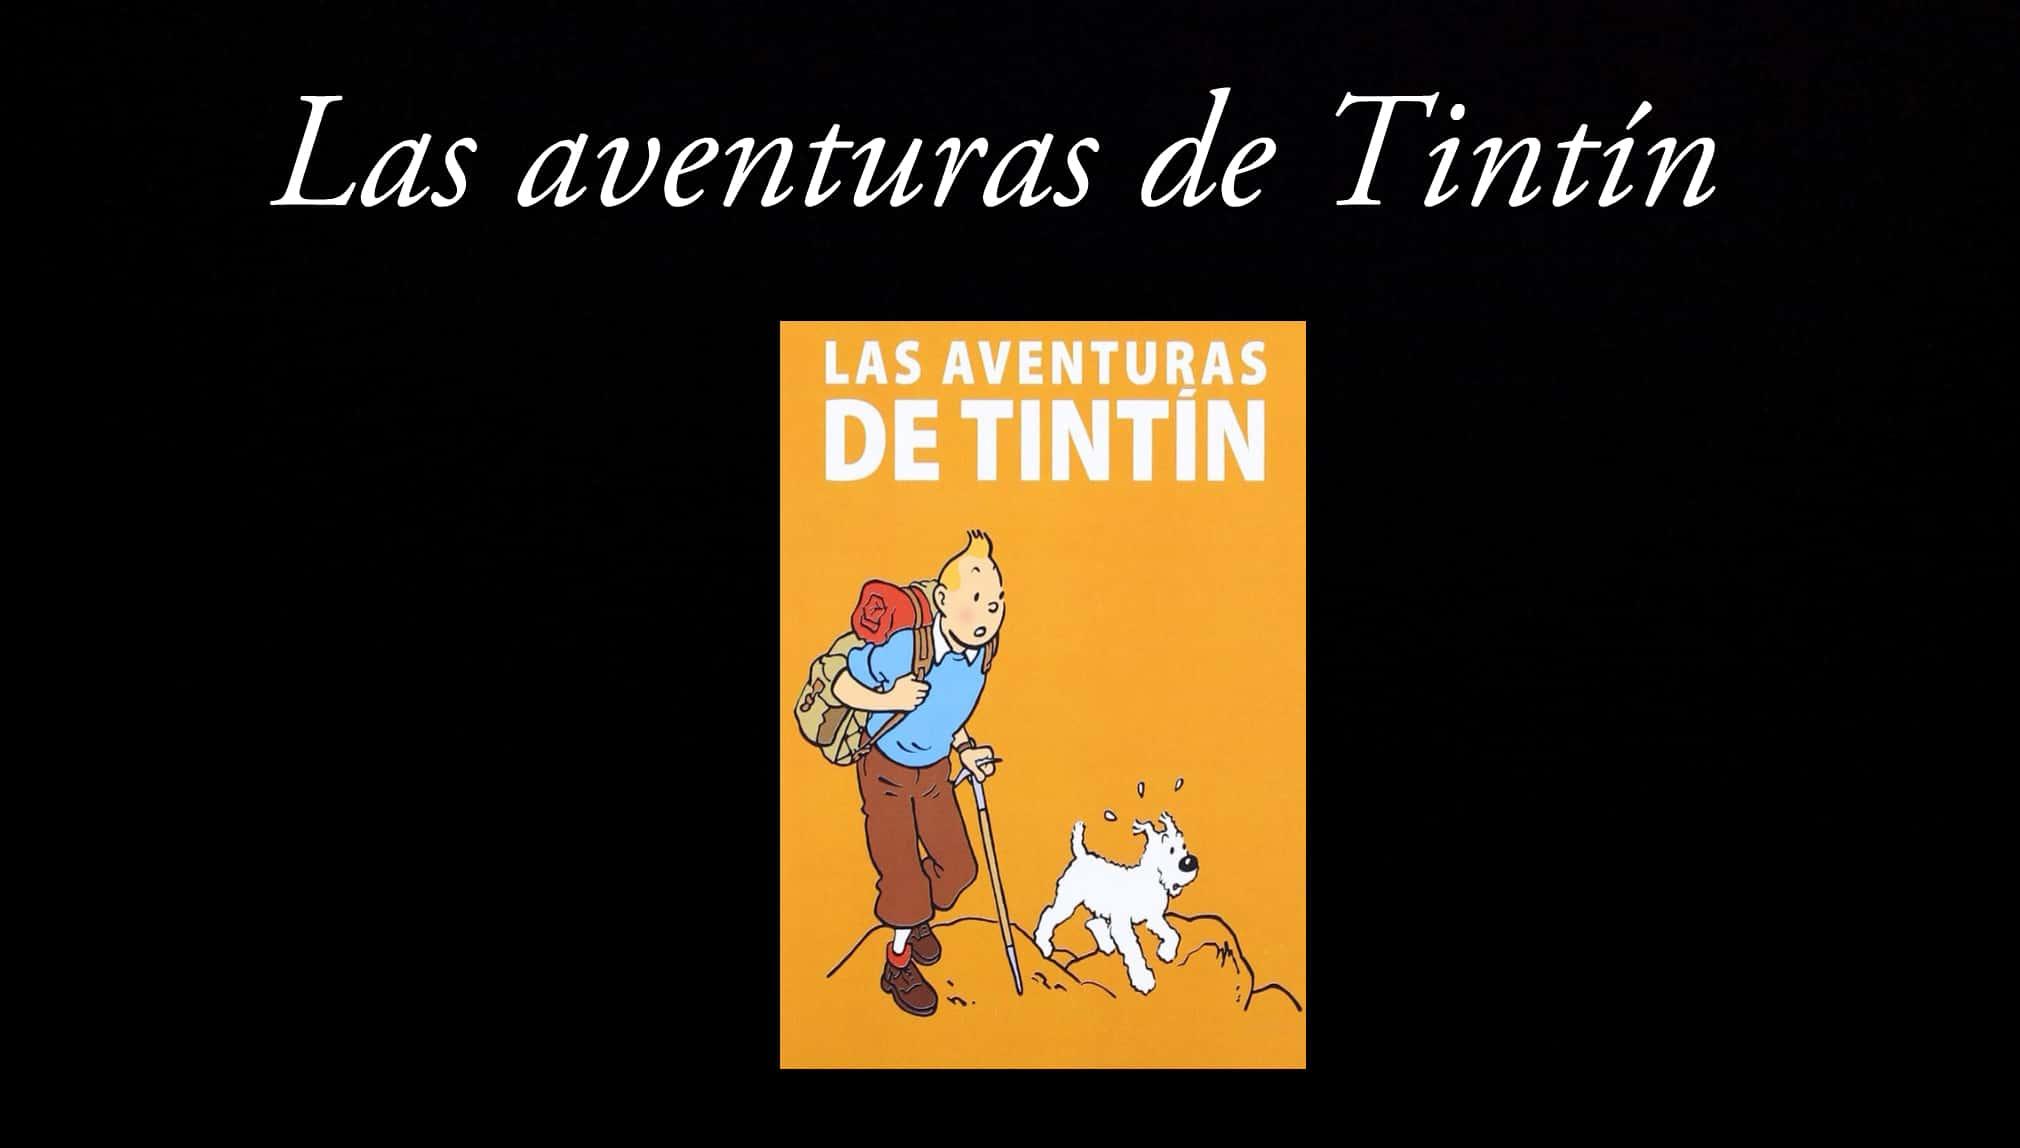 Las aventuras de Tintín.